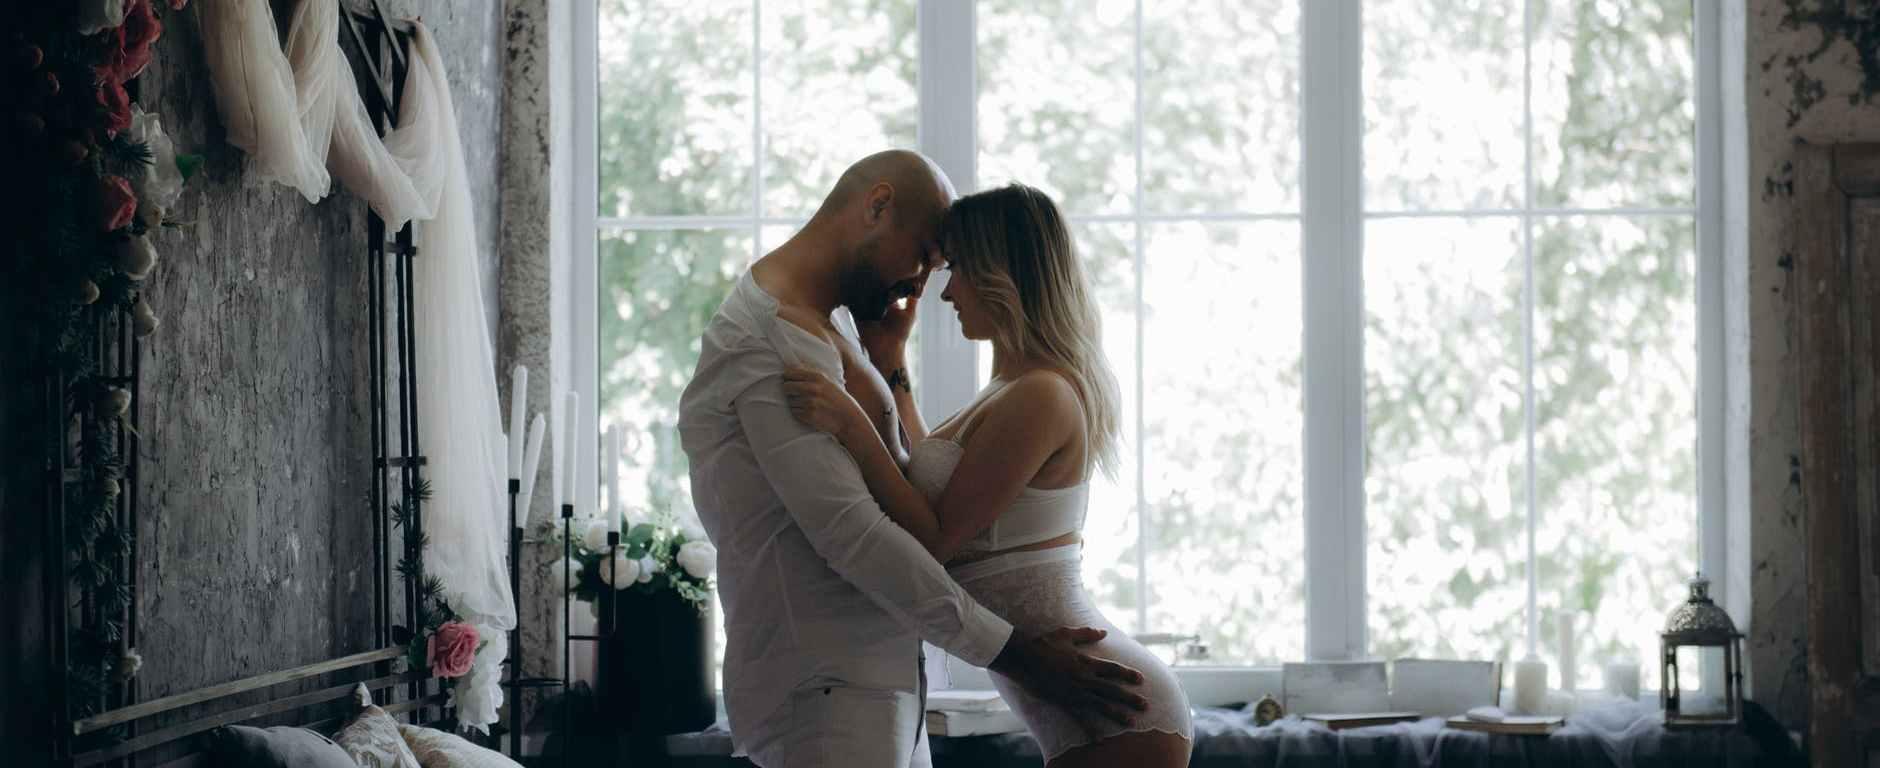 Σεξουαλικοί μύθοι, μύθοι γύρω από το σεξ, μύθος, σεξουαλικότητα,